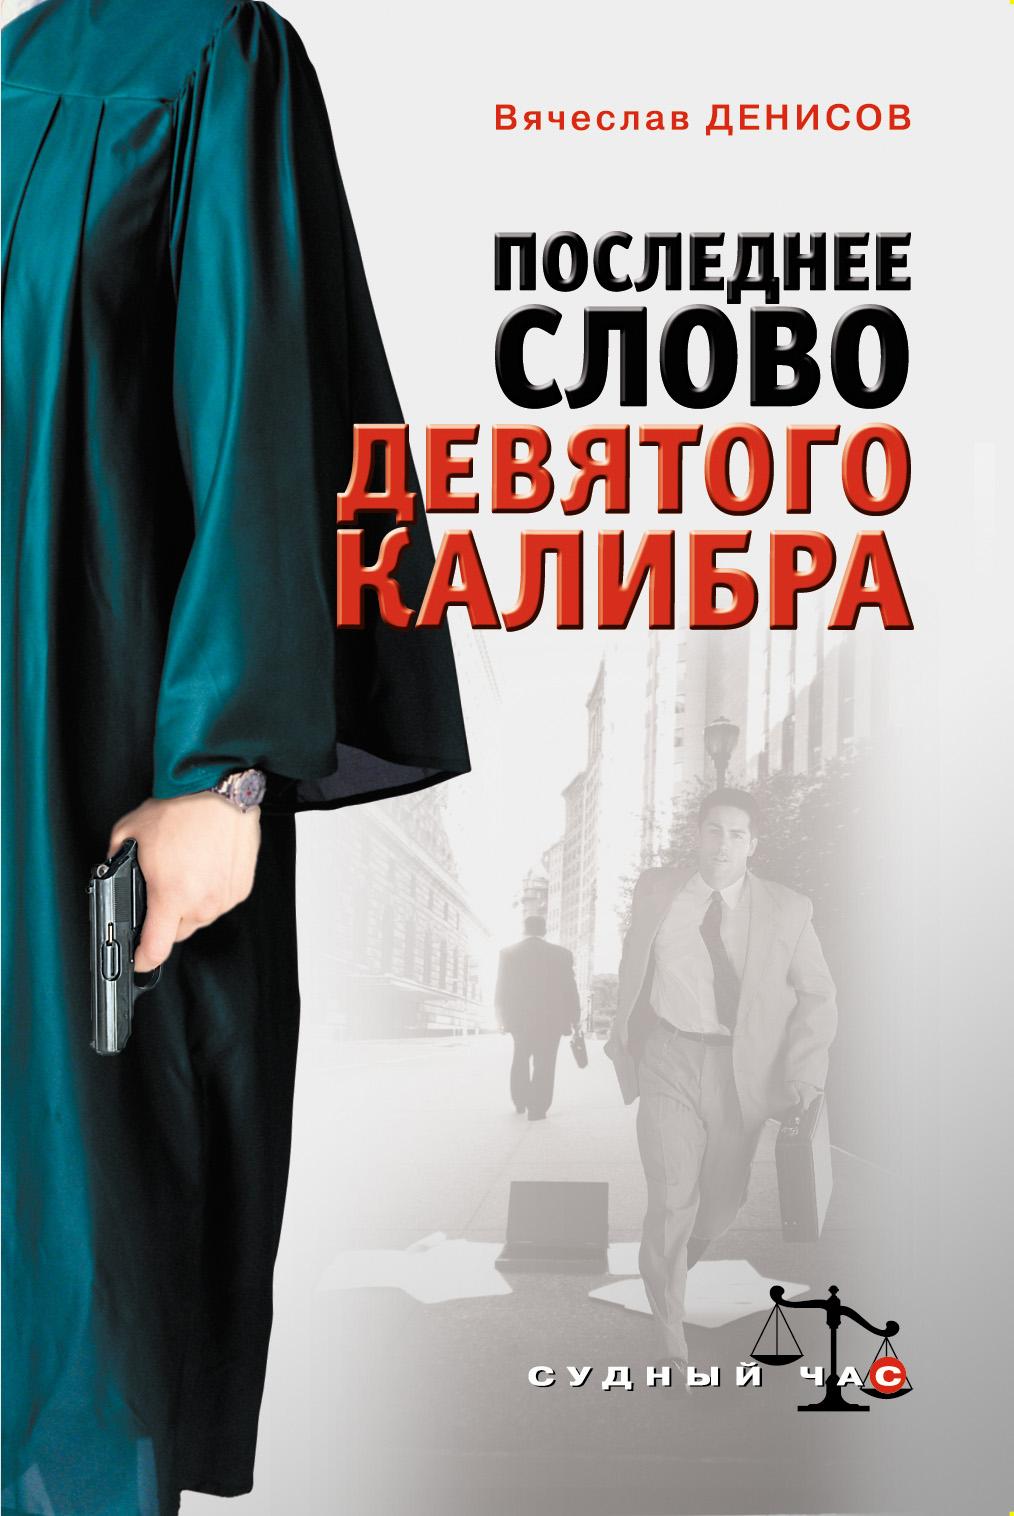 Вячеслав Денисов Последнее слово девятого калибра